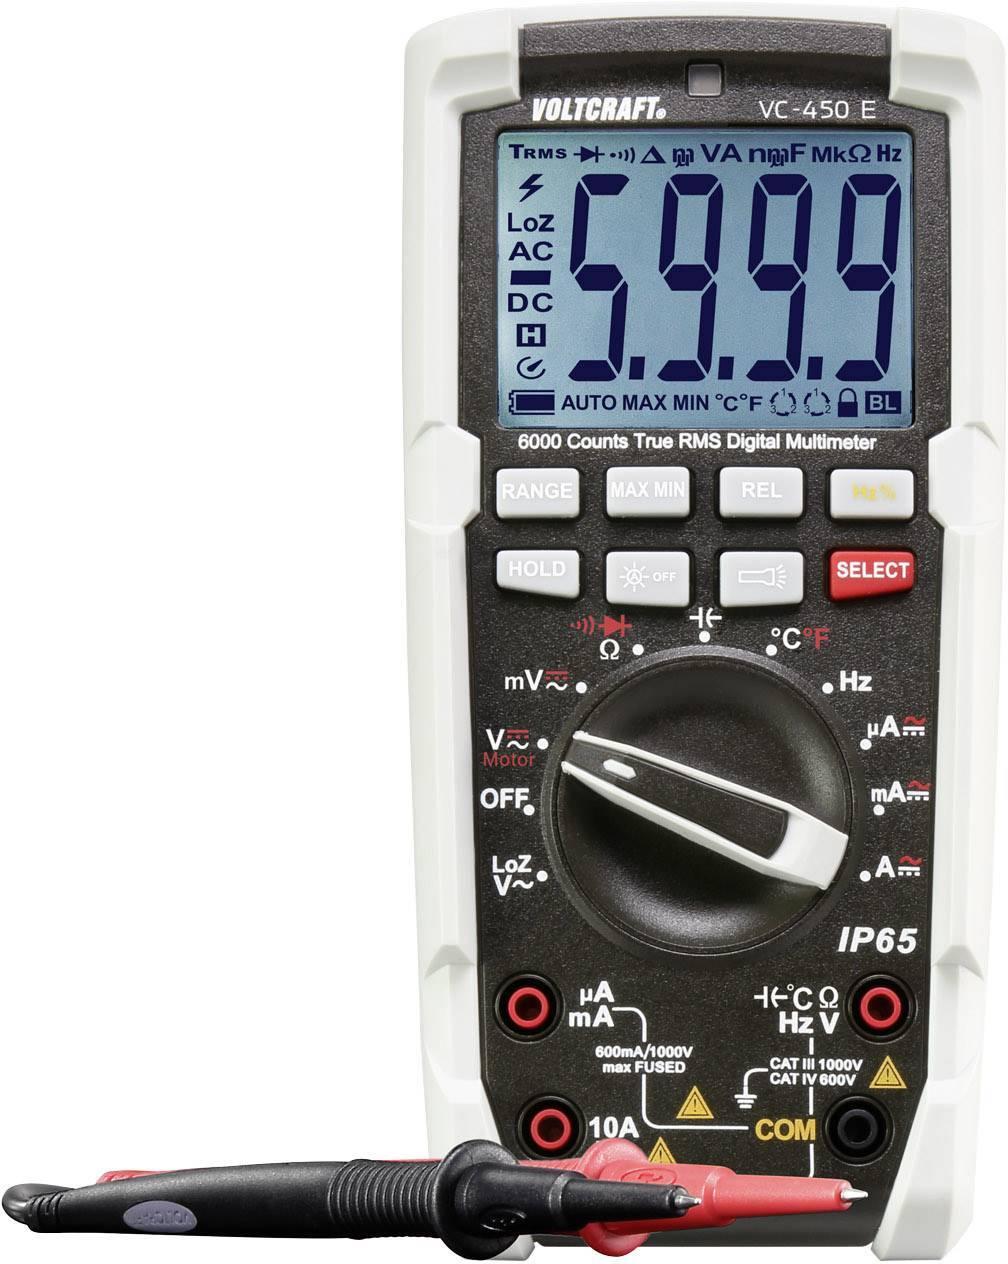 Digitální multimetr VOLTCRAFT VC-450E SE, ochrana proti tryskající vodě (IP65)